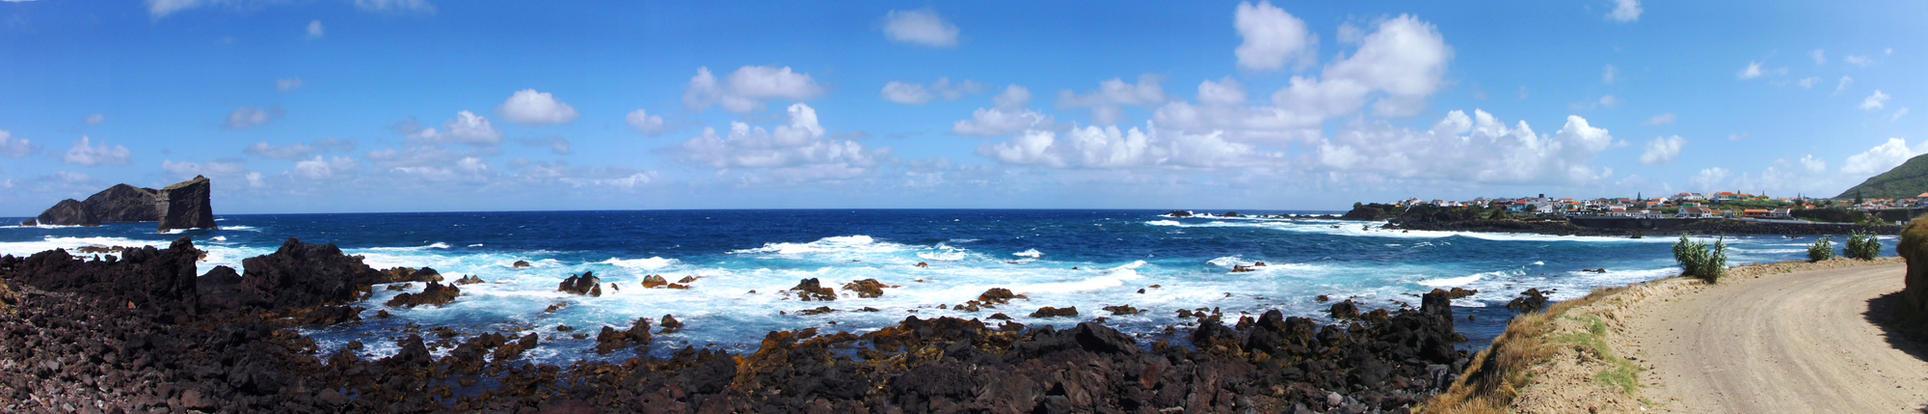 Ilhue dos Mosteiros, Azores by fredjblack